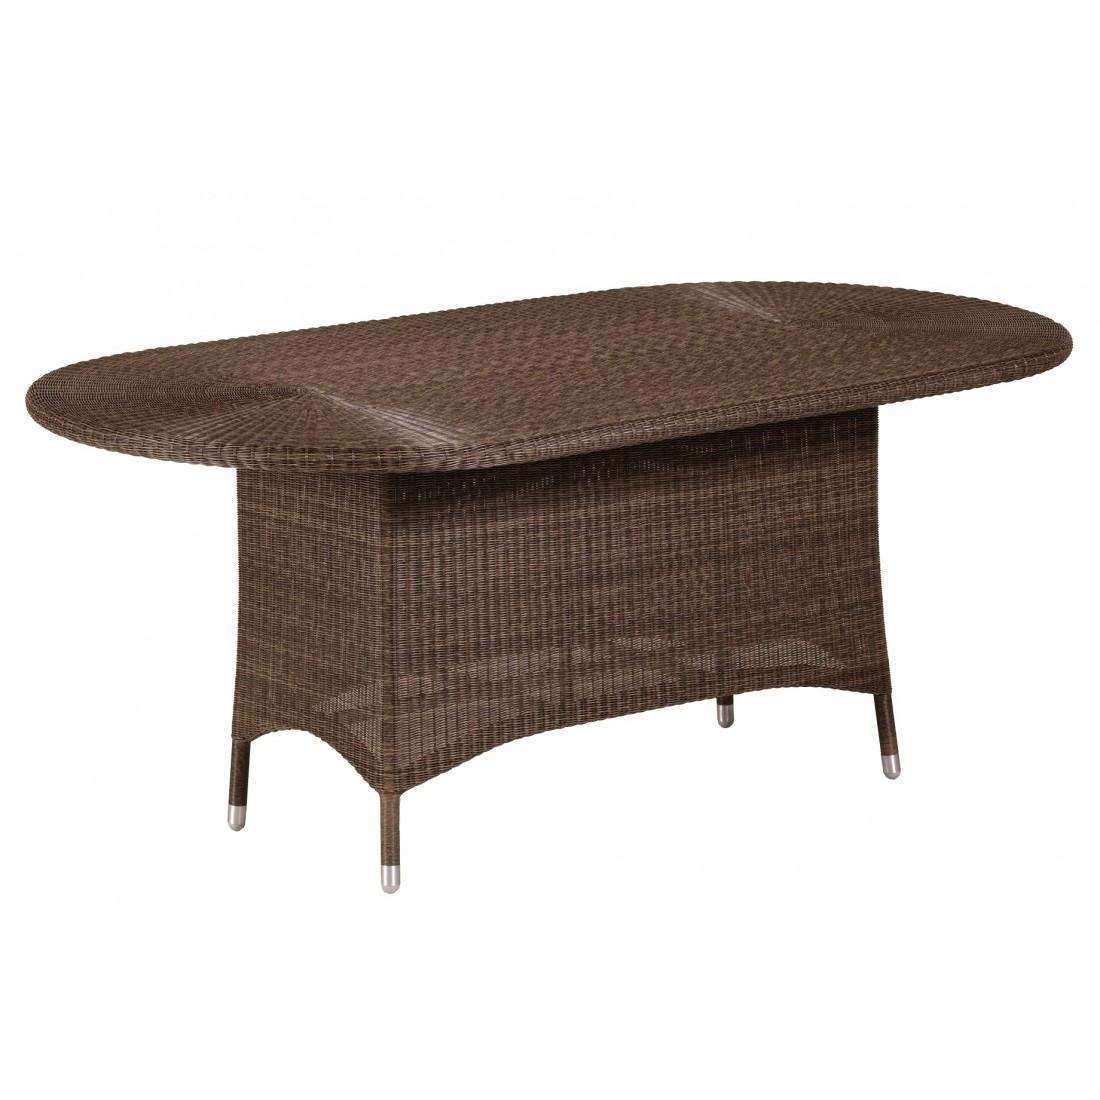 Table de jardin en r sine poivre ronde cigale ovale 110 x for Housse pour table de jardin ovale 200 cm